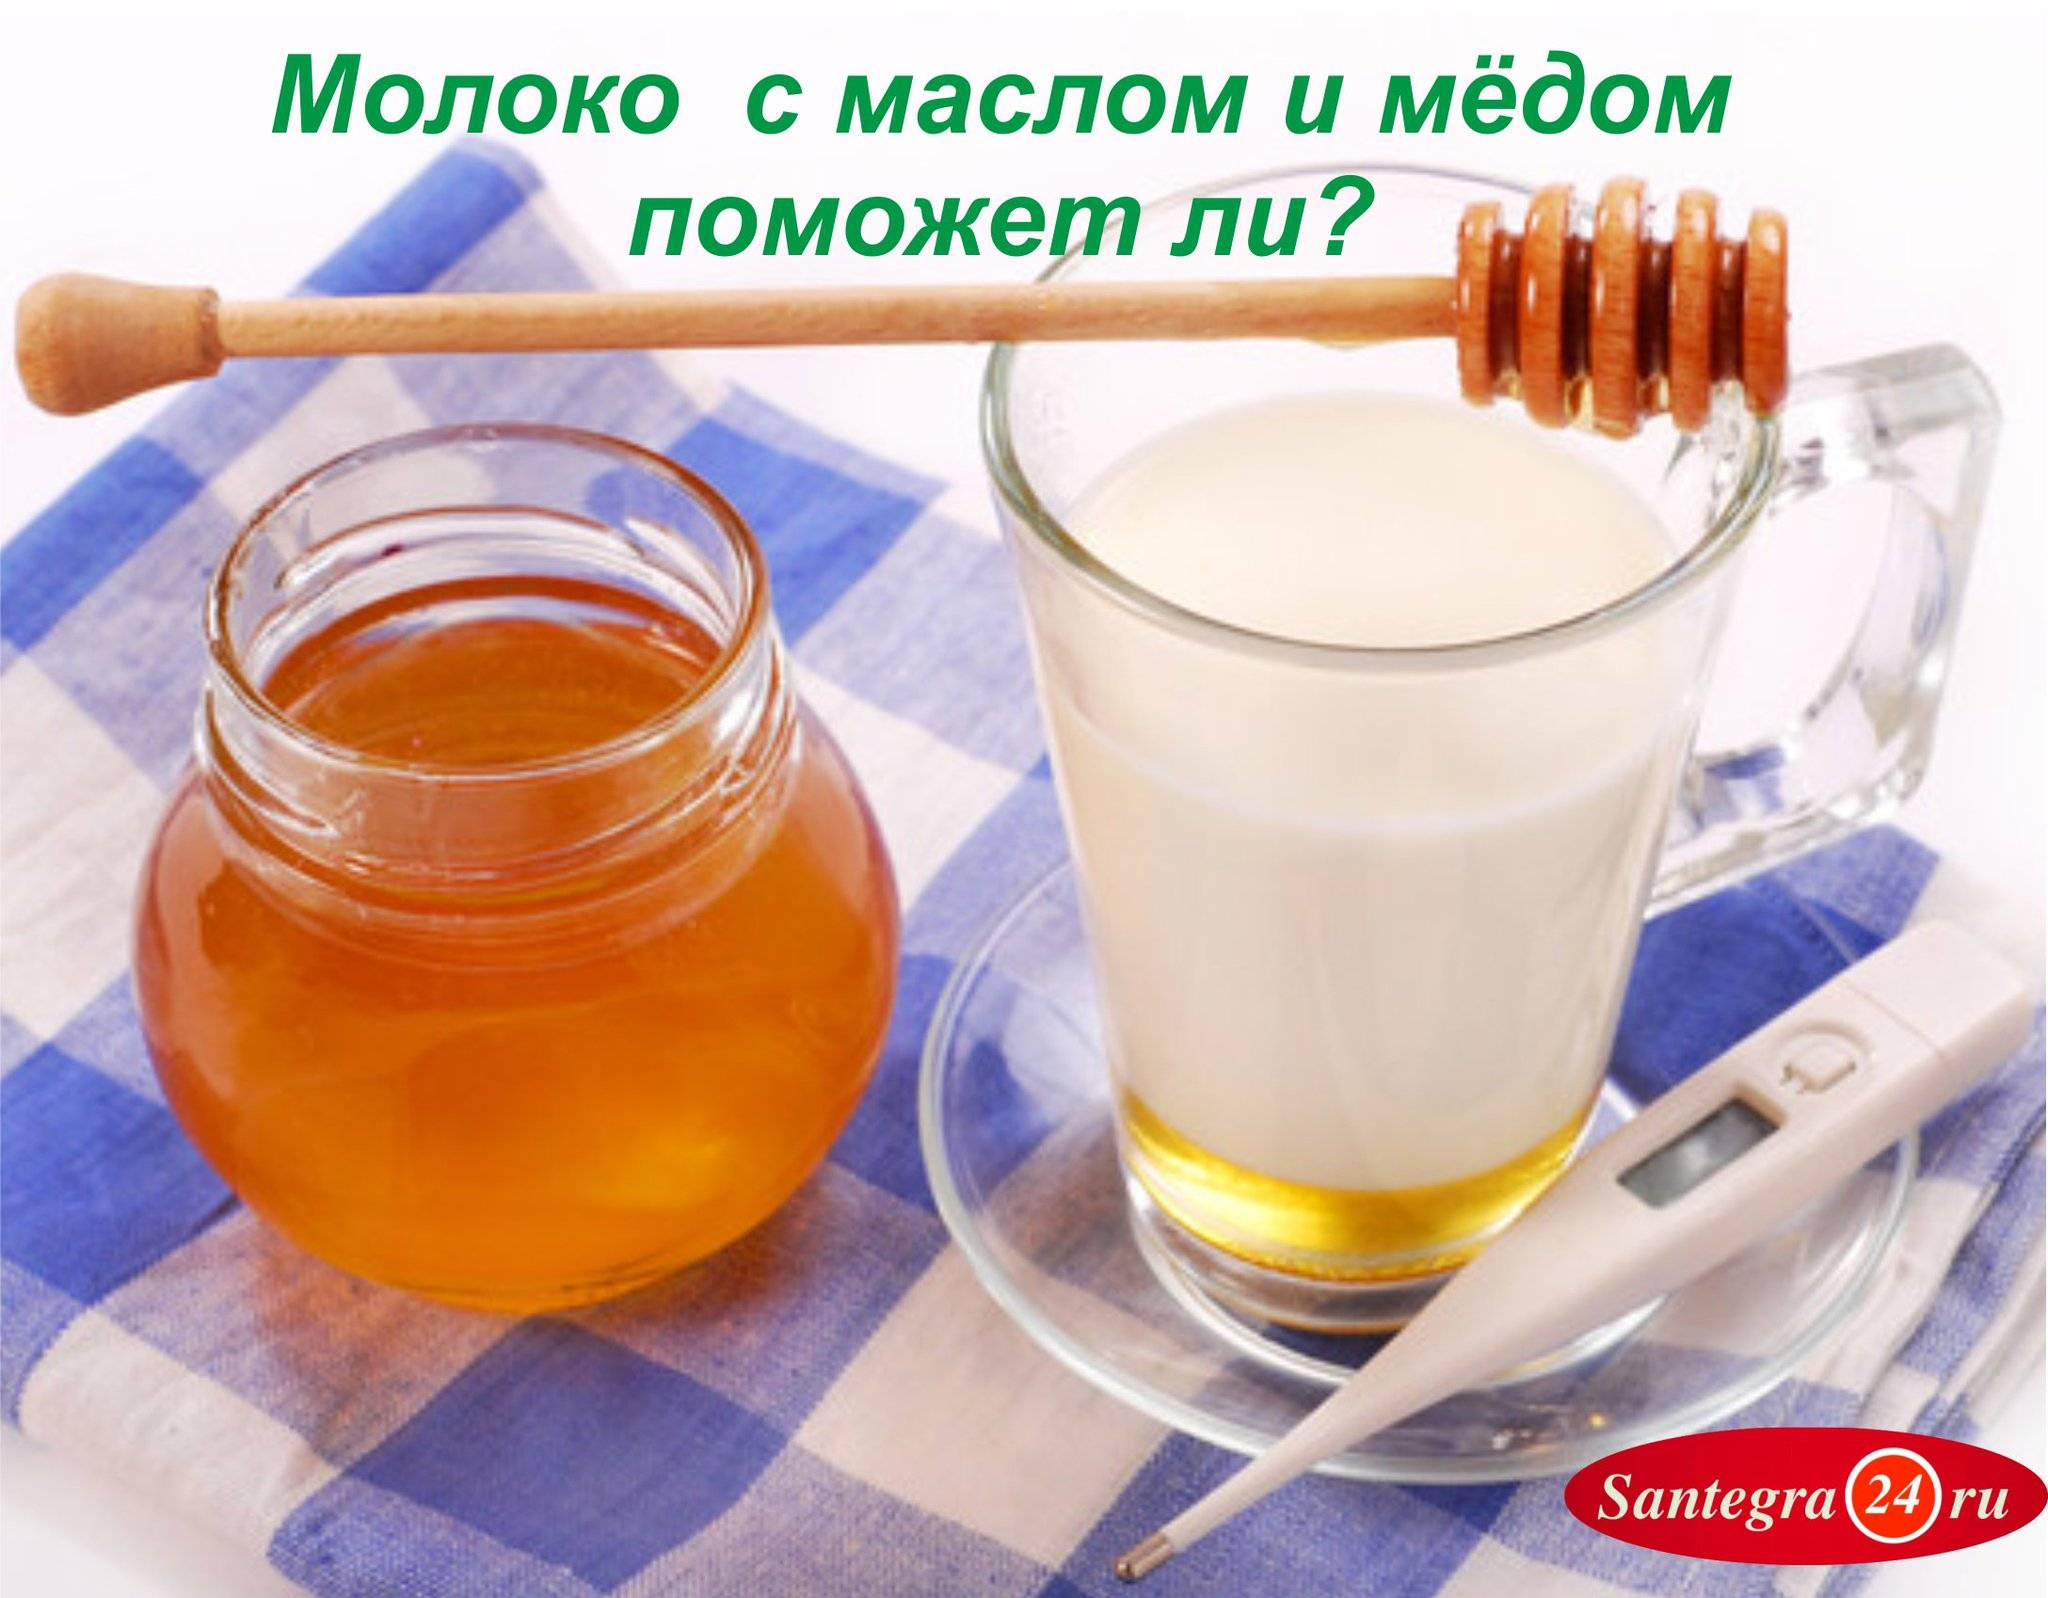 Коньяк в качестве лекарства от простуды: правильное лечение алкоголем